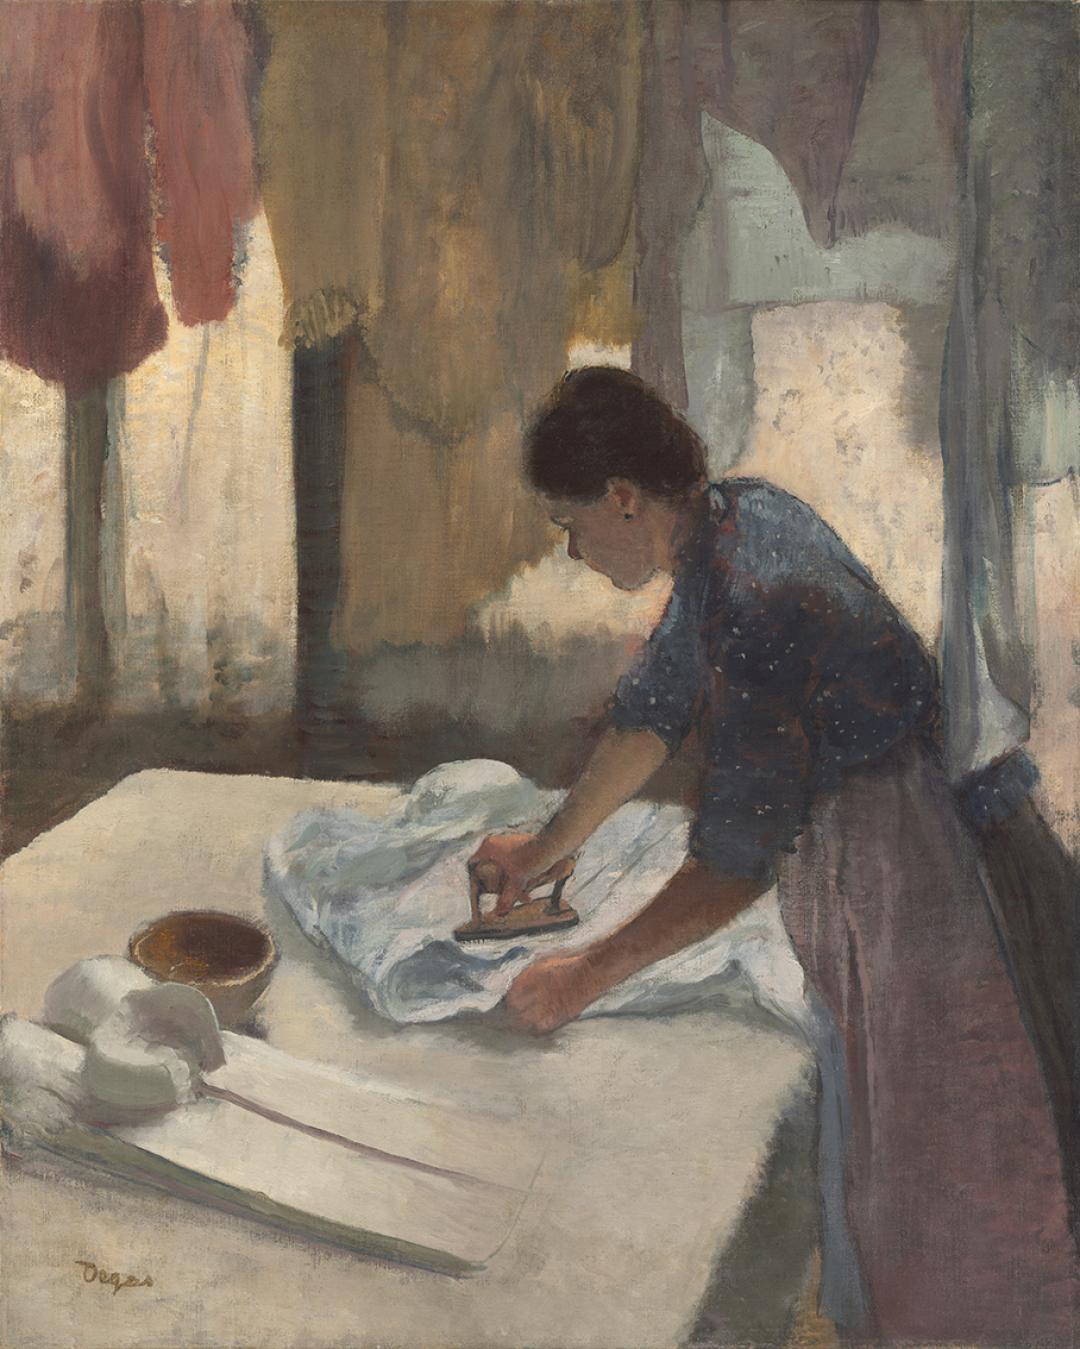 Degas, Woman Ironing, 1887